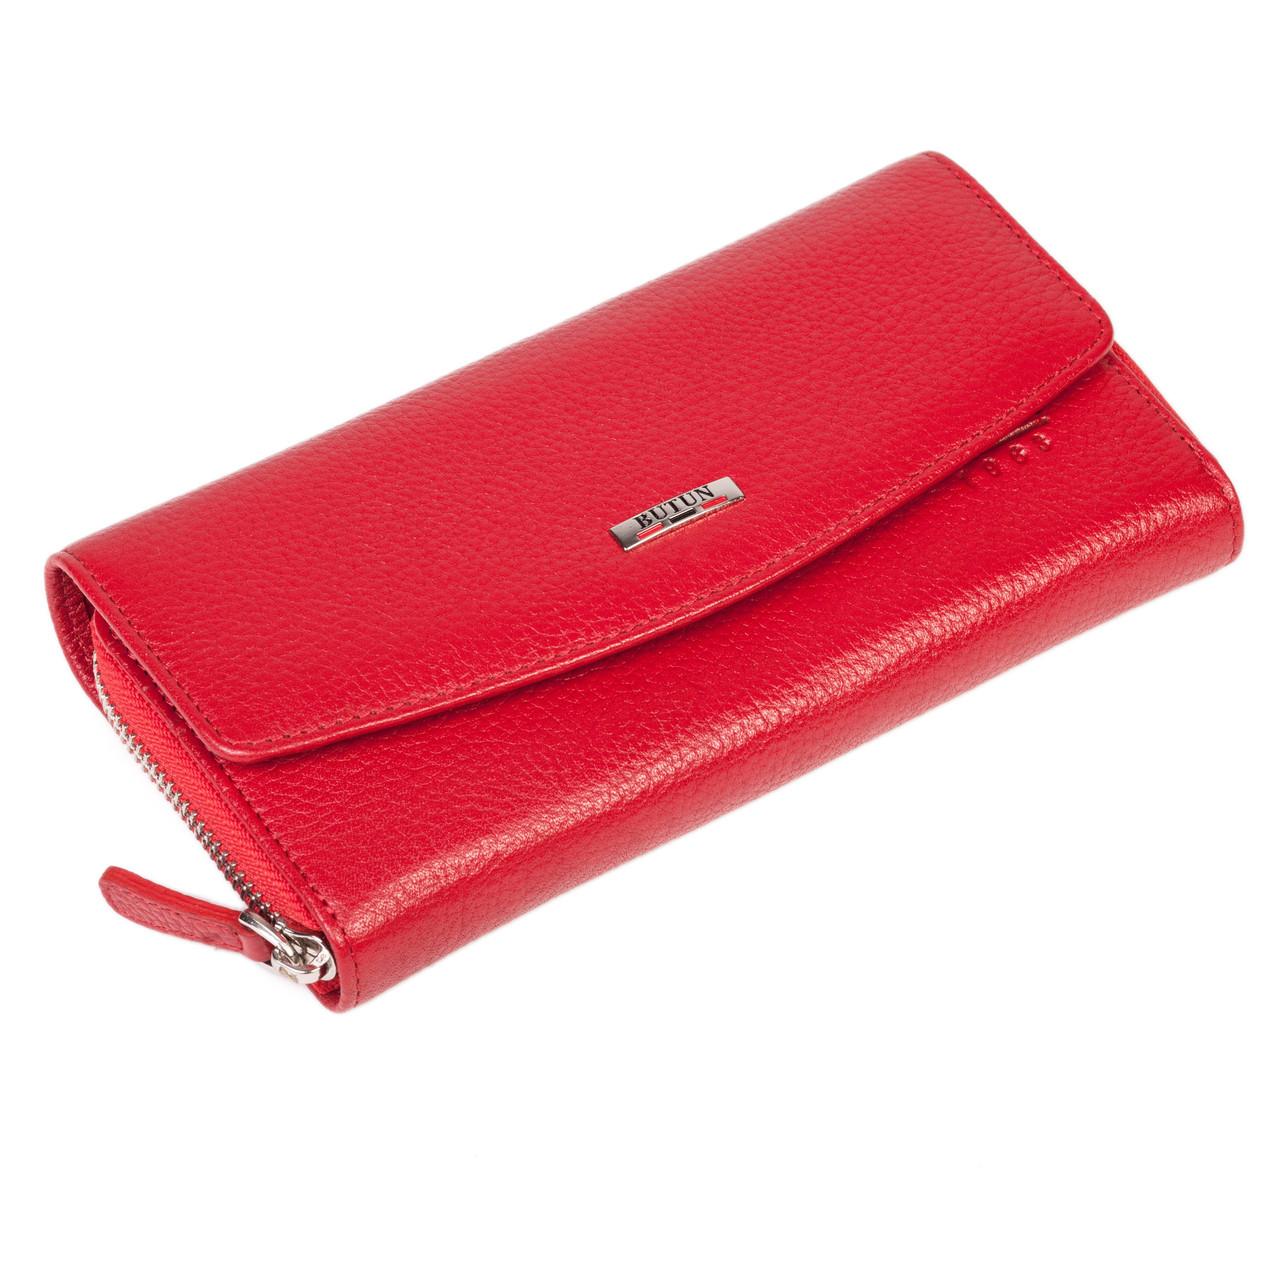 Женский кошелек Butun 609-004-006 кожаный красный